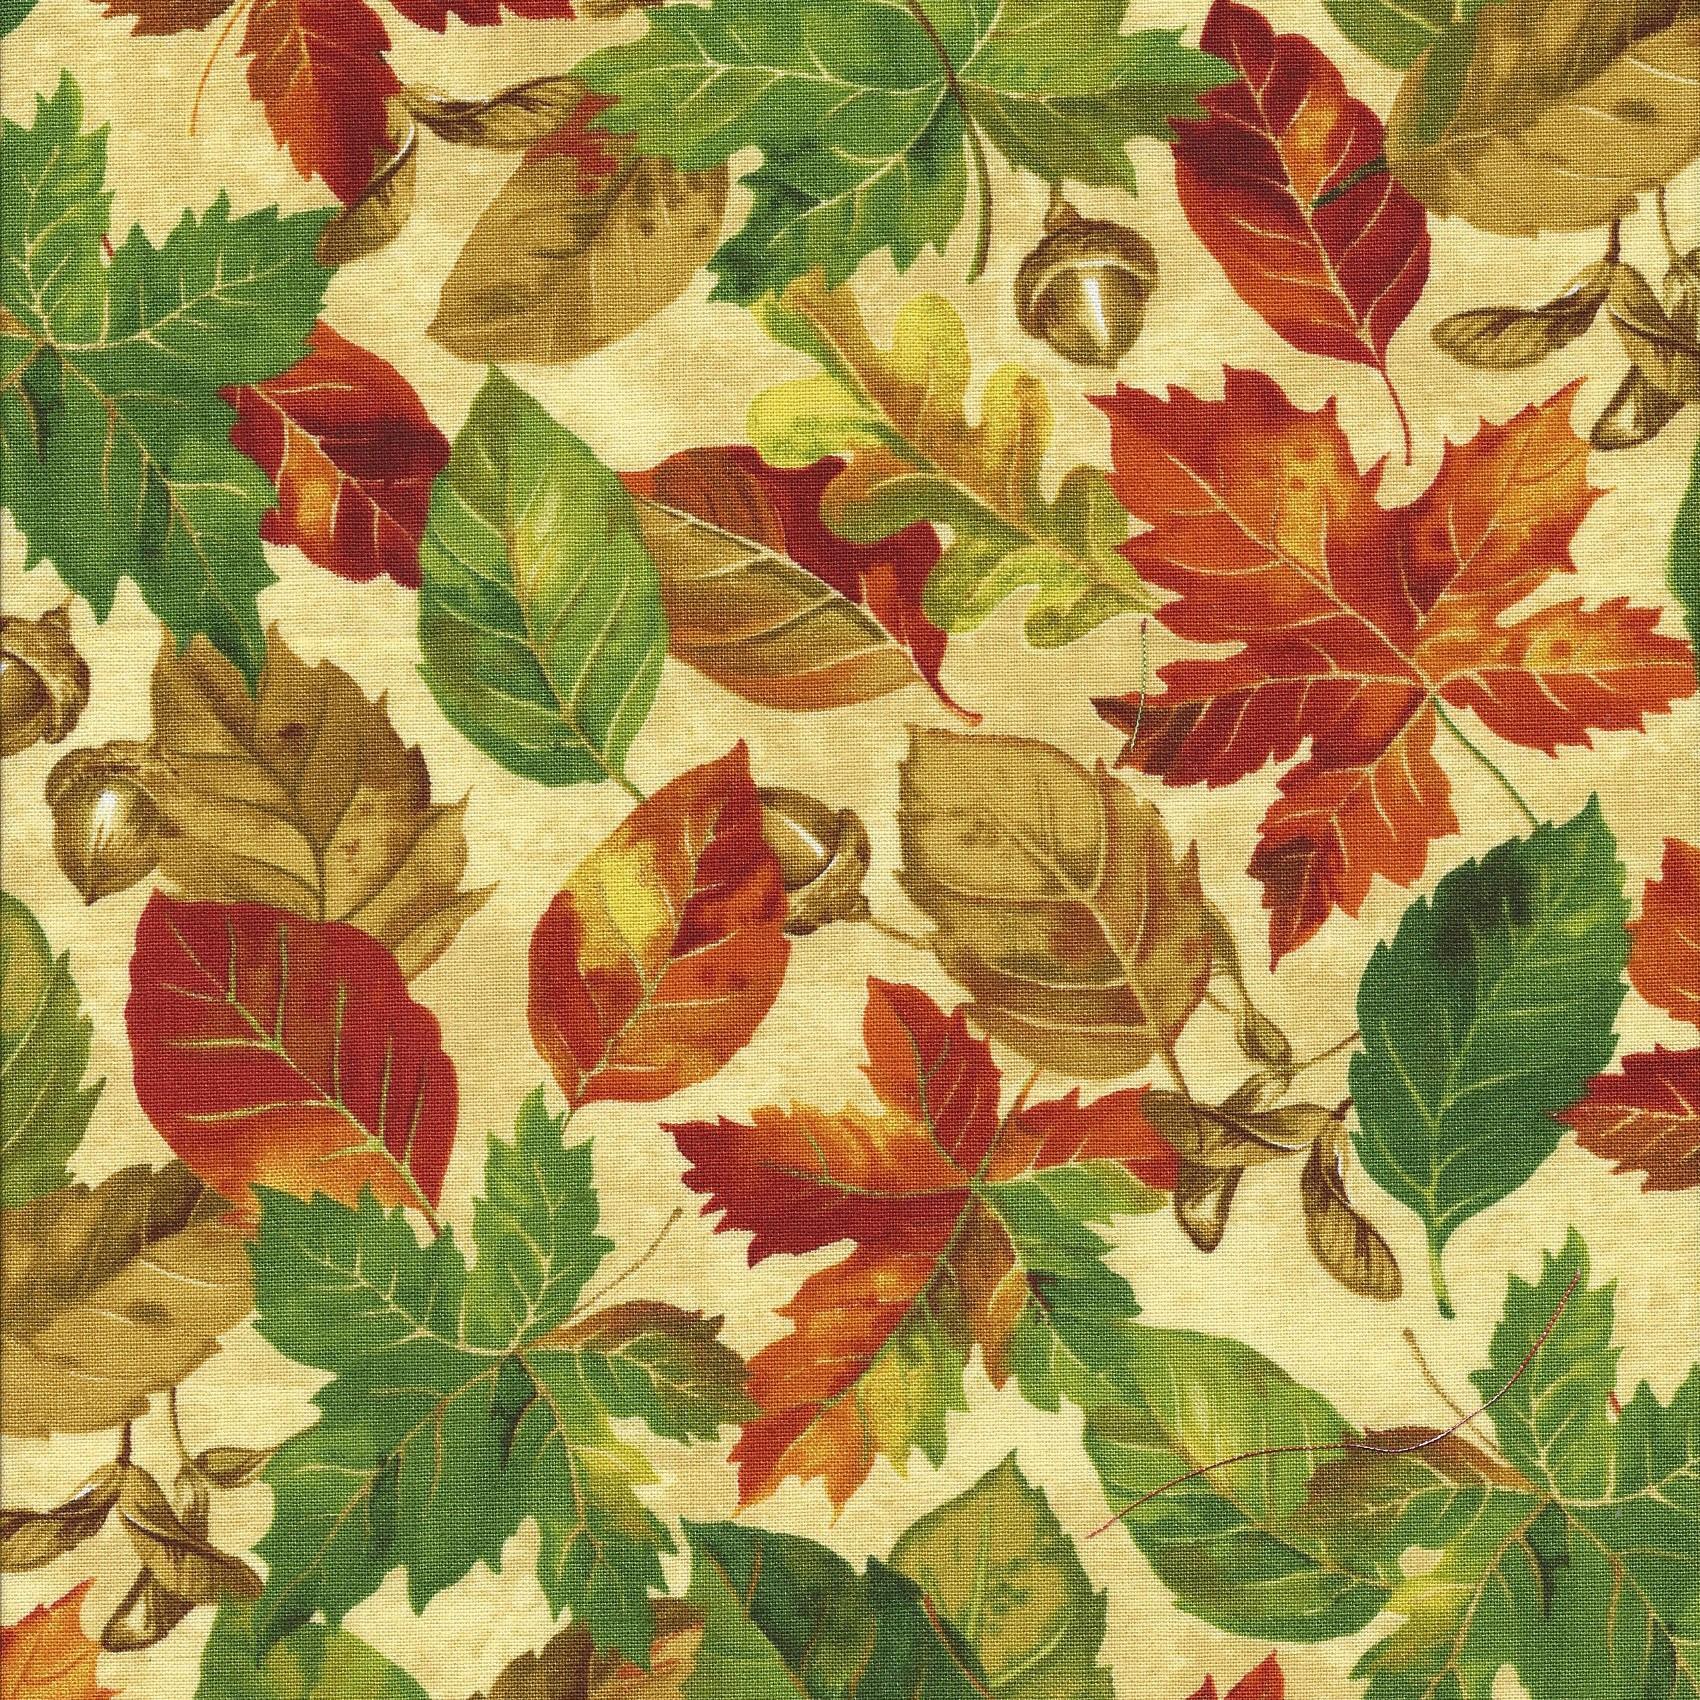 Creme kleur stof met herfstbladeren.